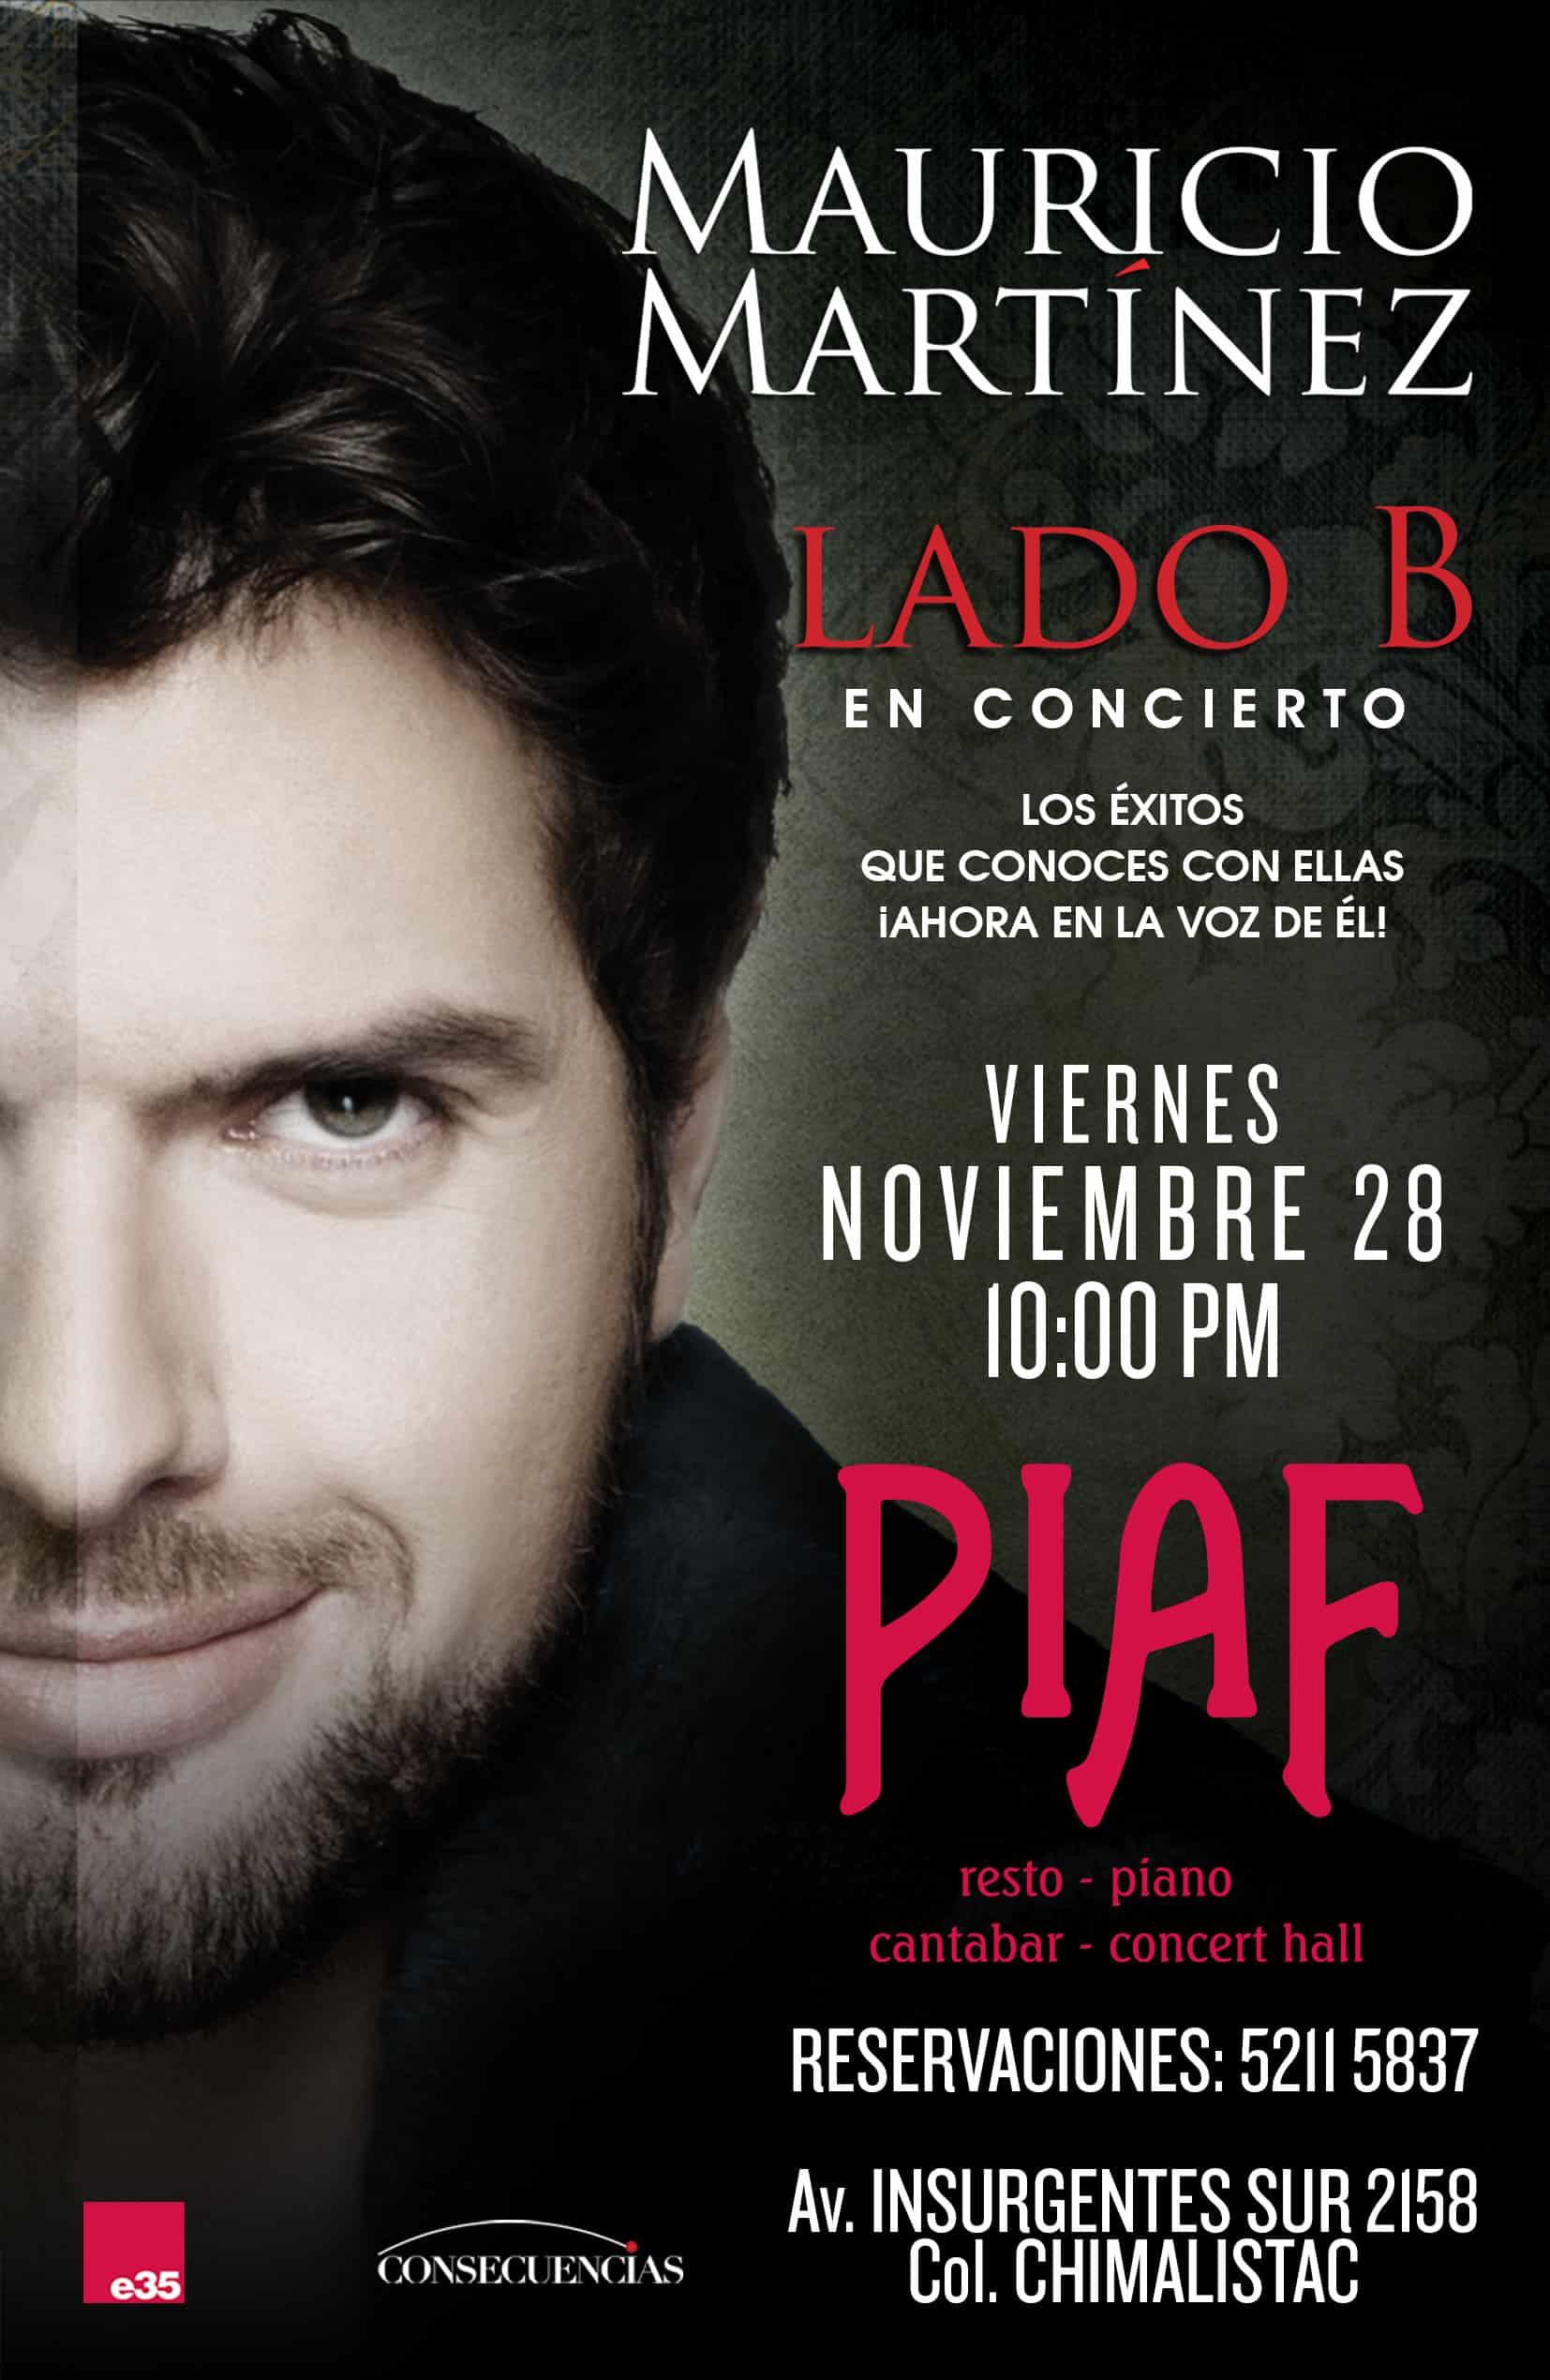 PIAF Cartel Nov 28 OK